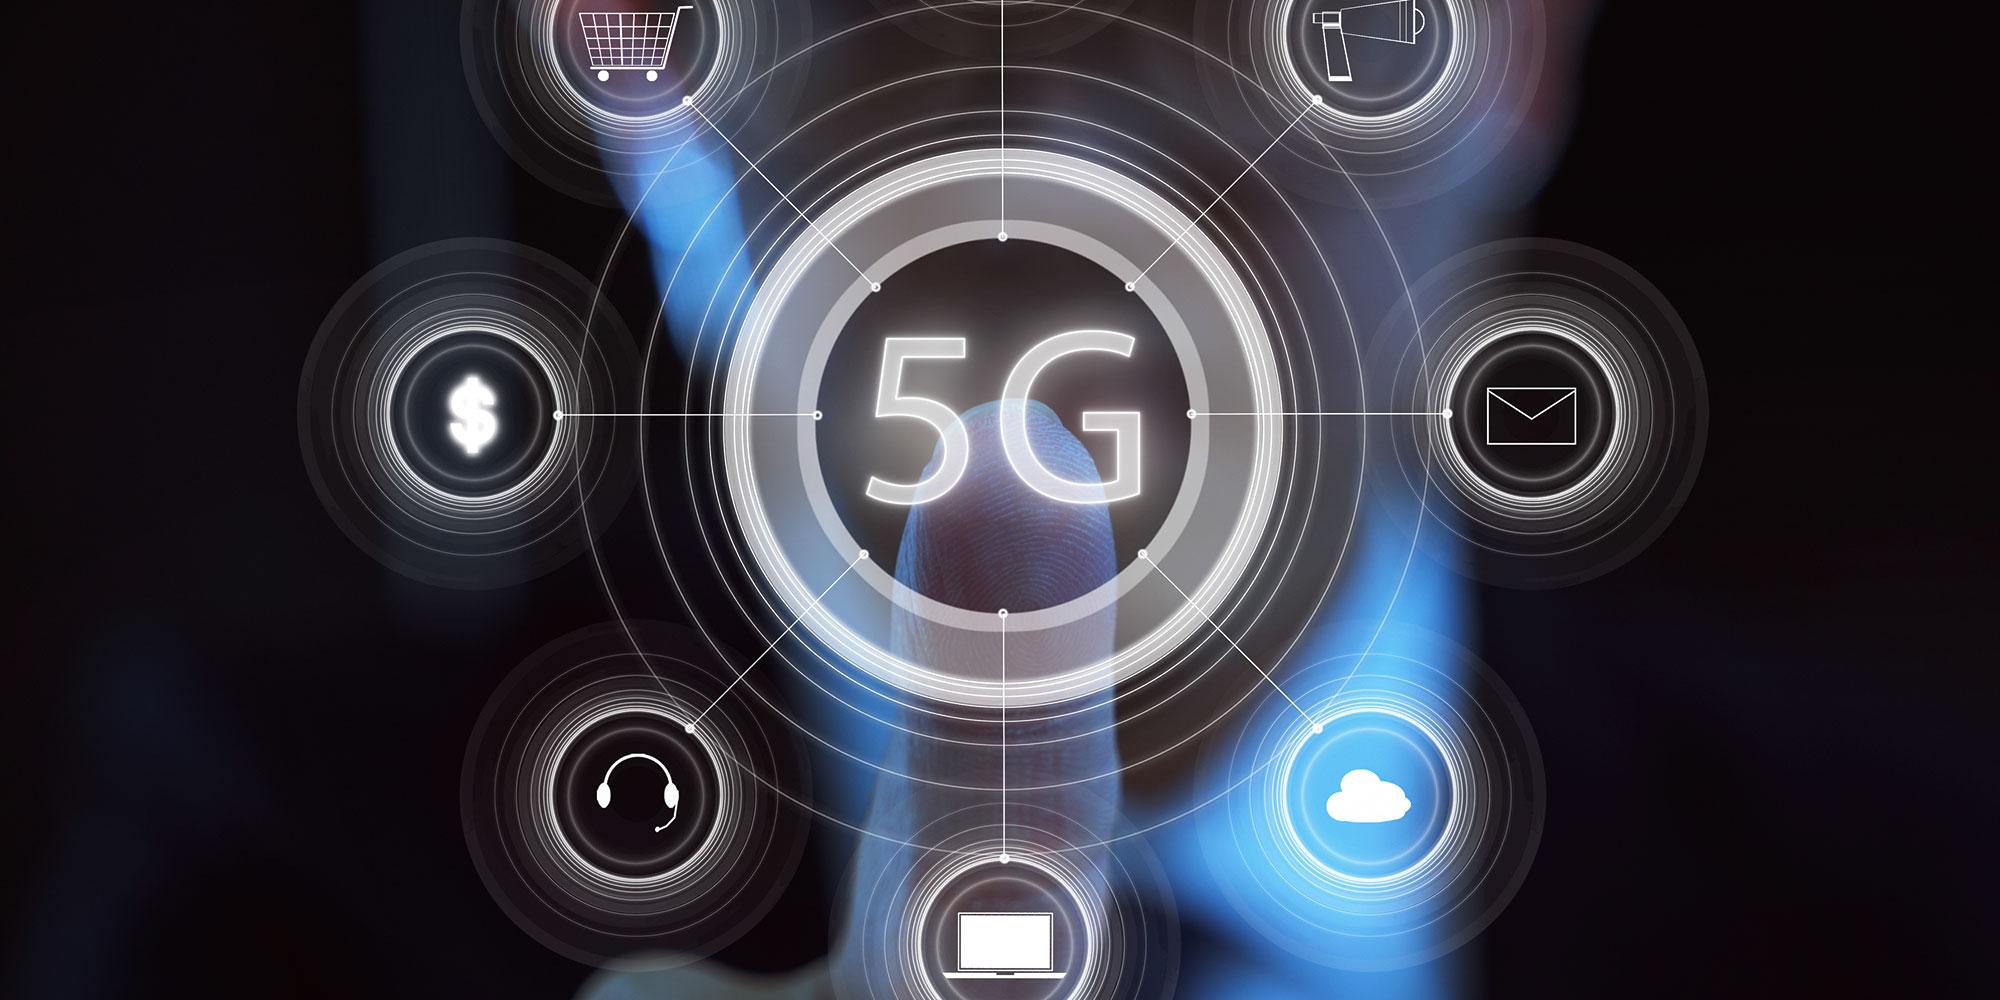 109a5a98b ما هو موعد إطلاق تقنية الجيل الخامس في السعودية | مجلة الرجل